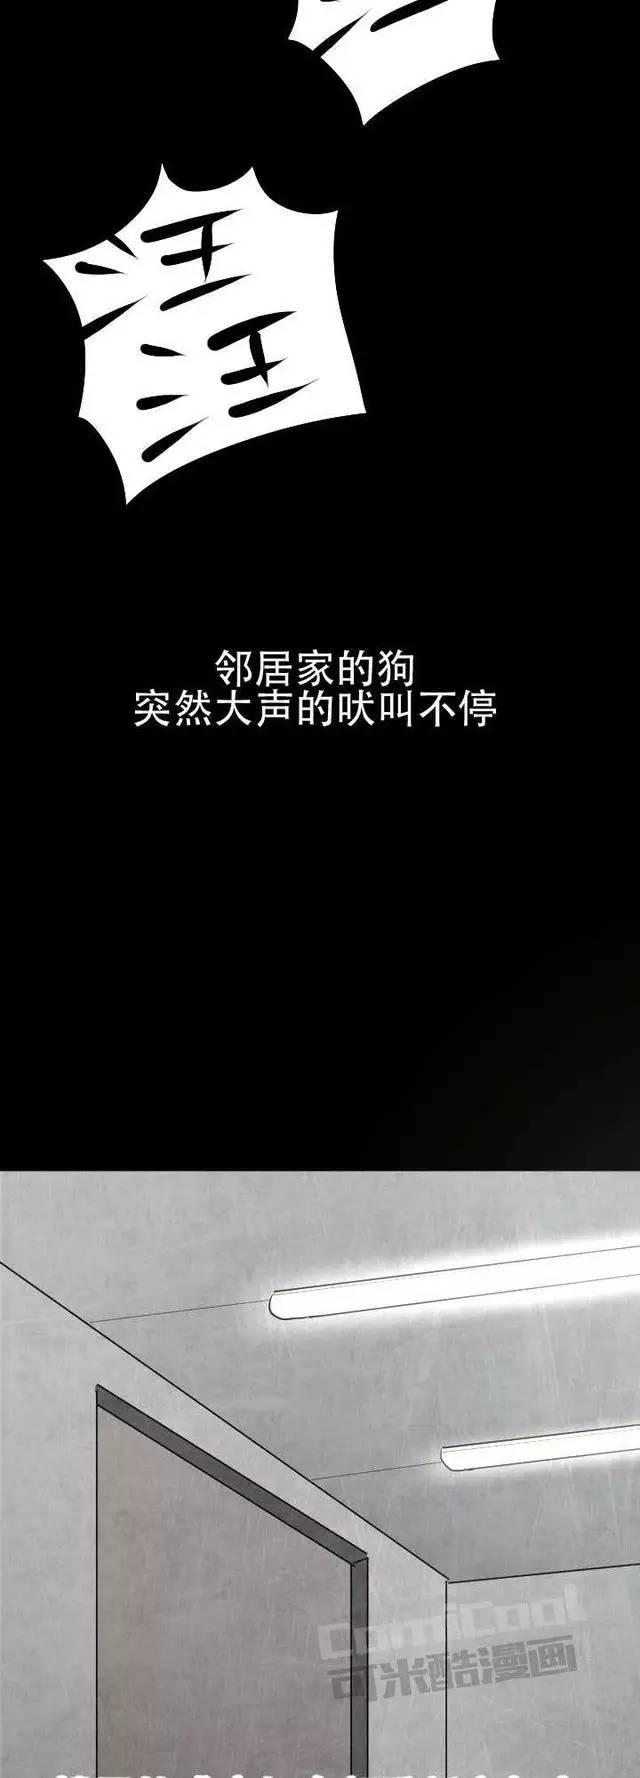 恐怖漫画《影子鬼》-搜狐漫画贱婢图片